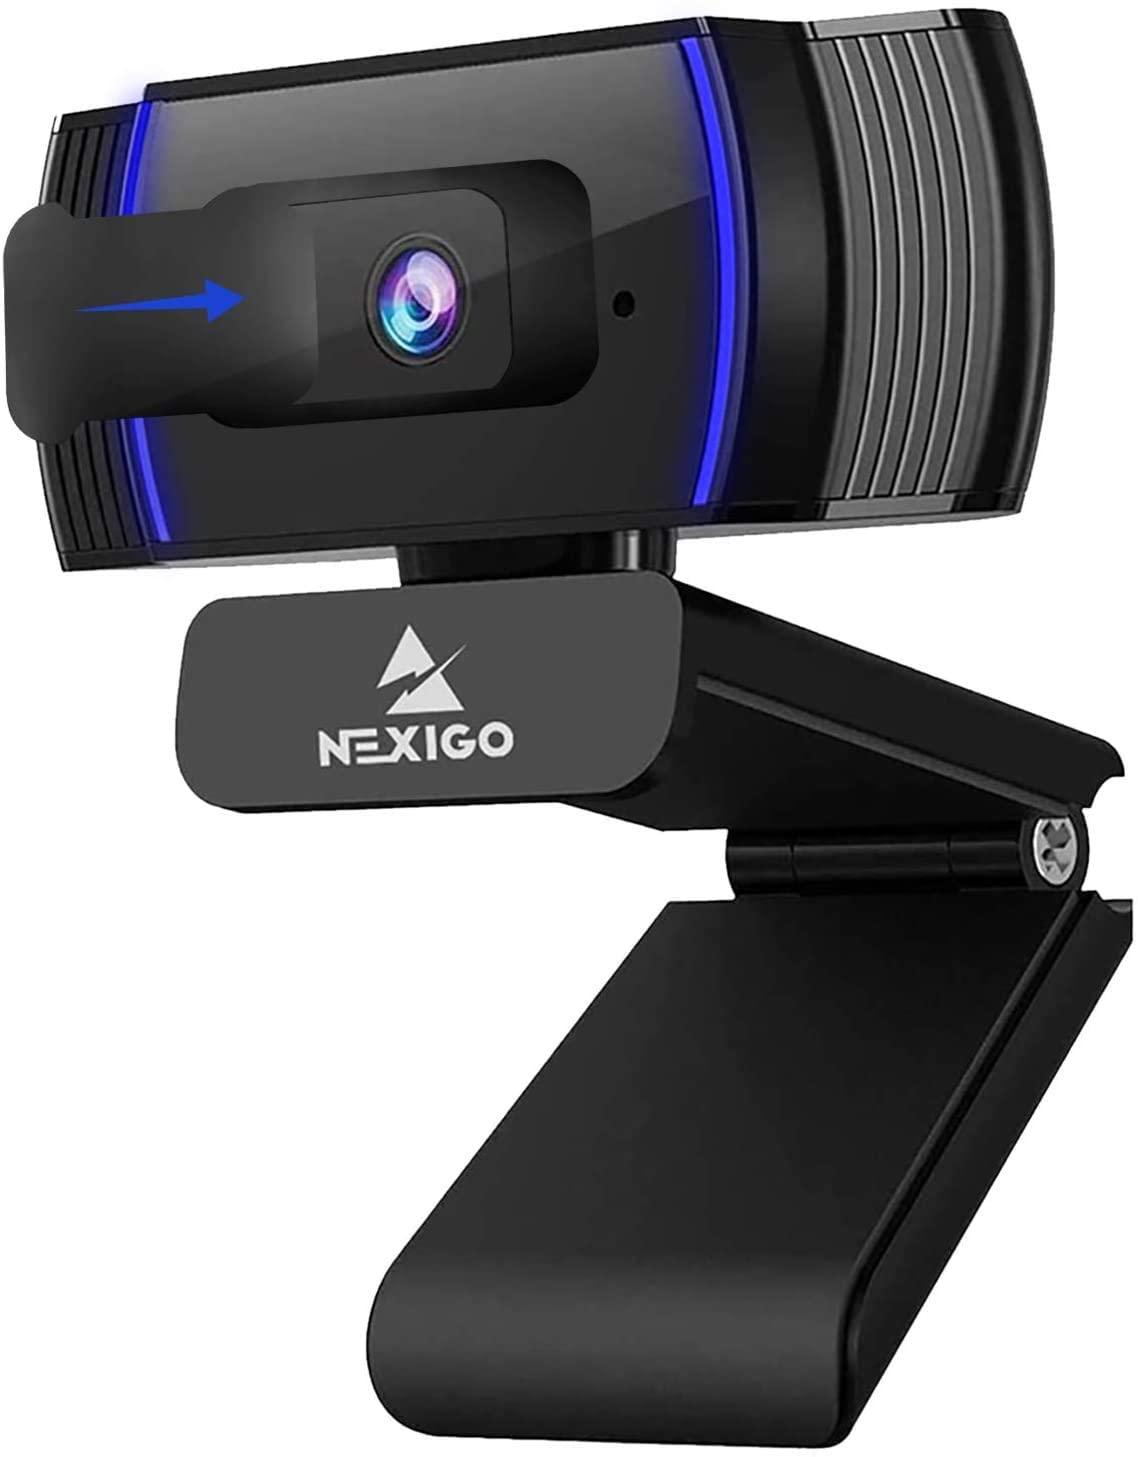 NexiGo PC Webcam